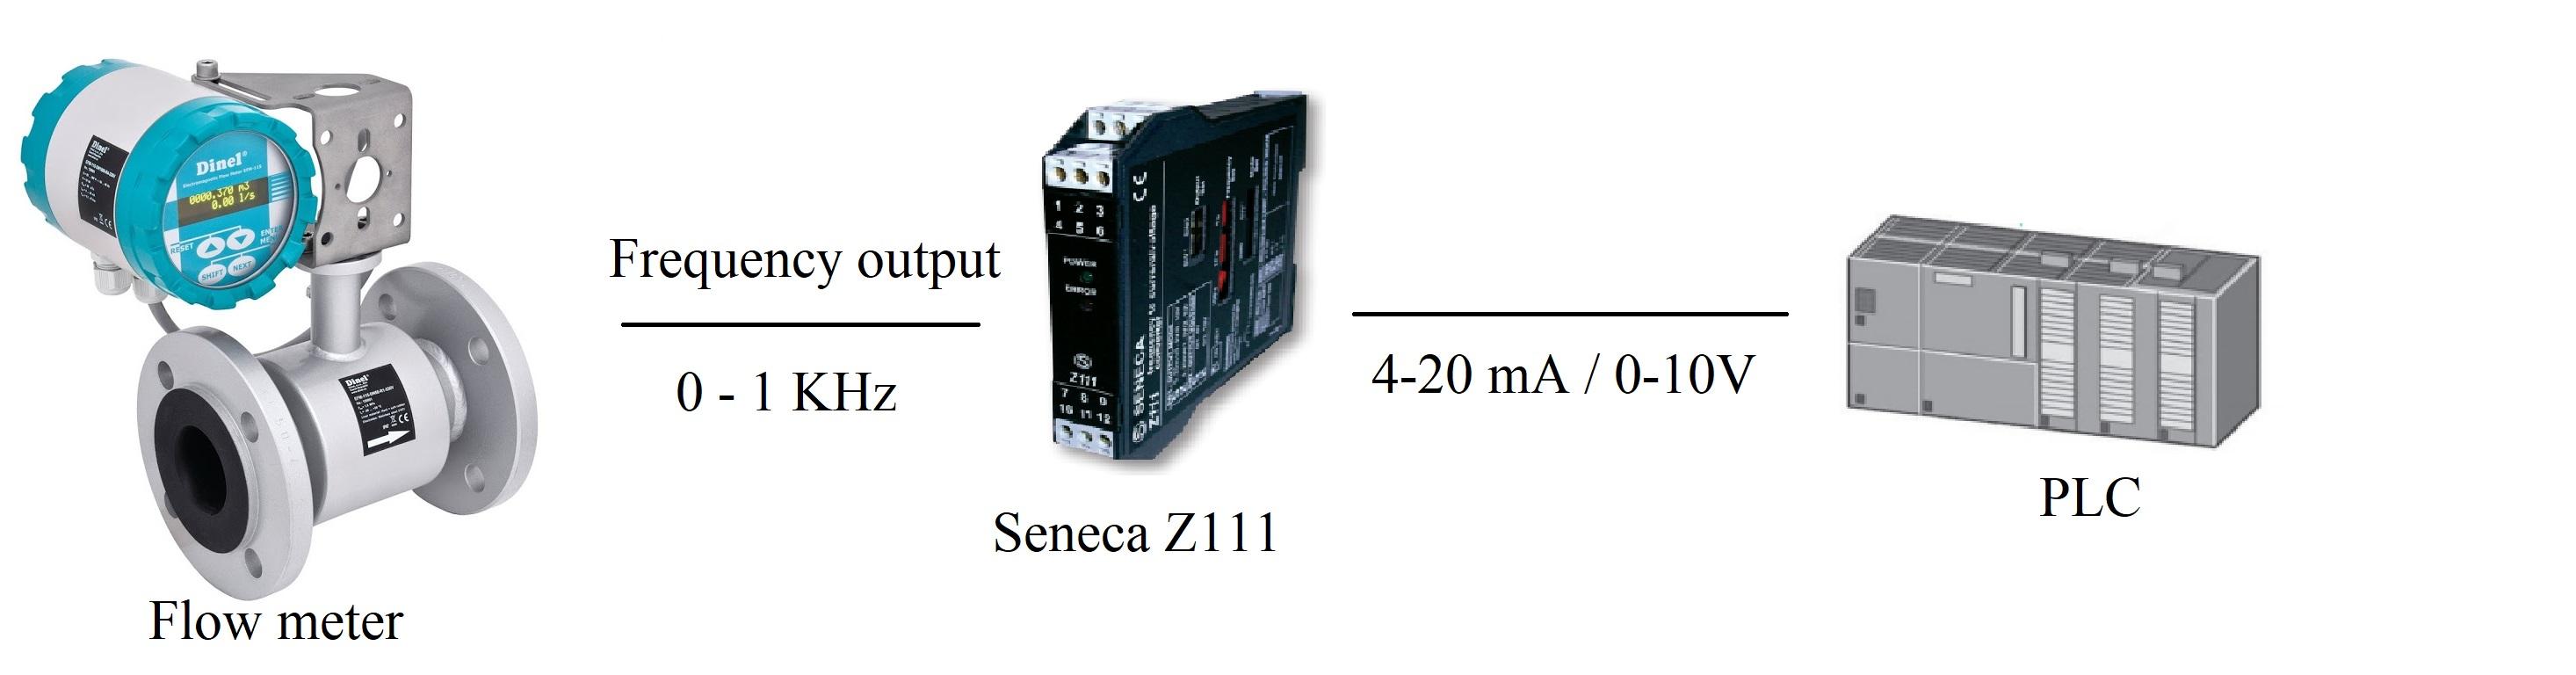 bộ chuyển đổi tín hiệu xung